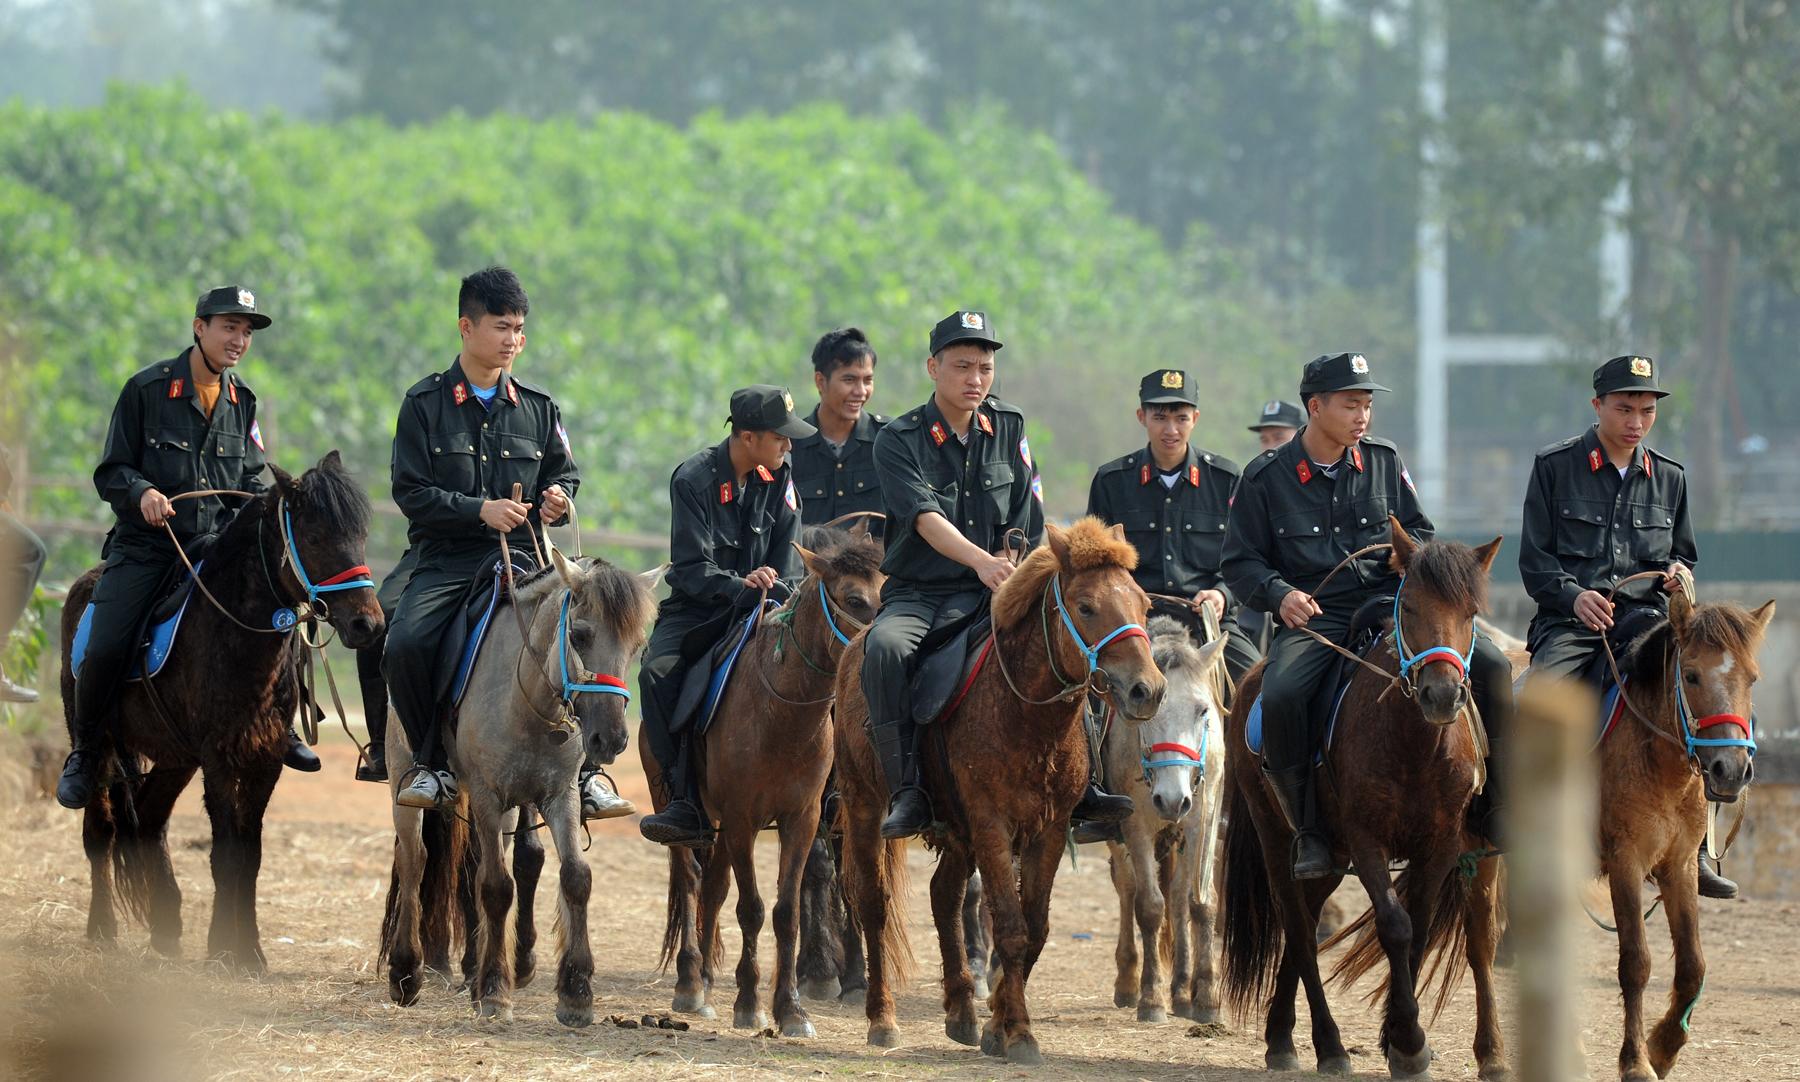 CSCĐ Kỵ binh thuần dưỡng ngựa nơi thao trường